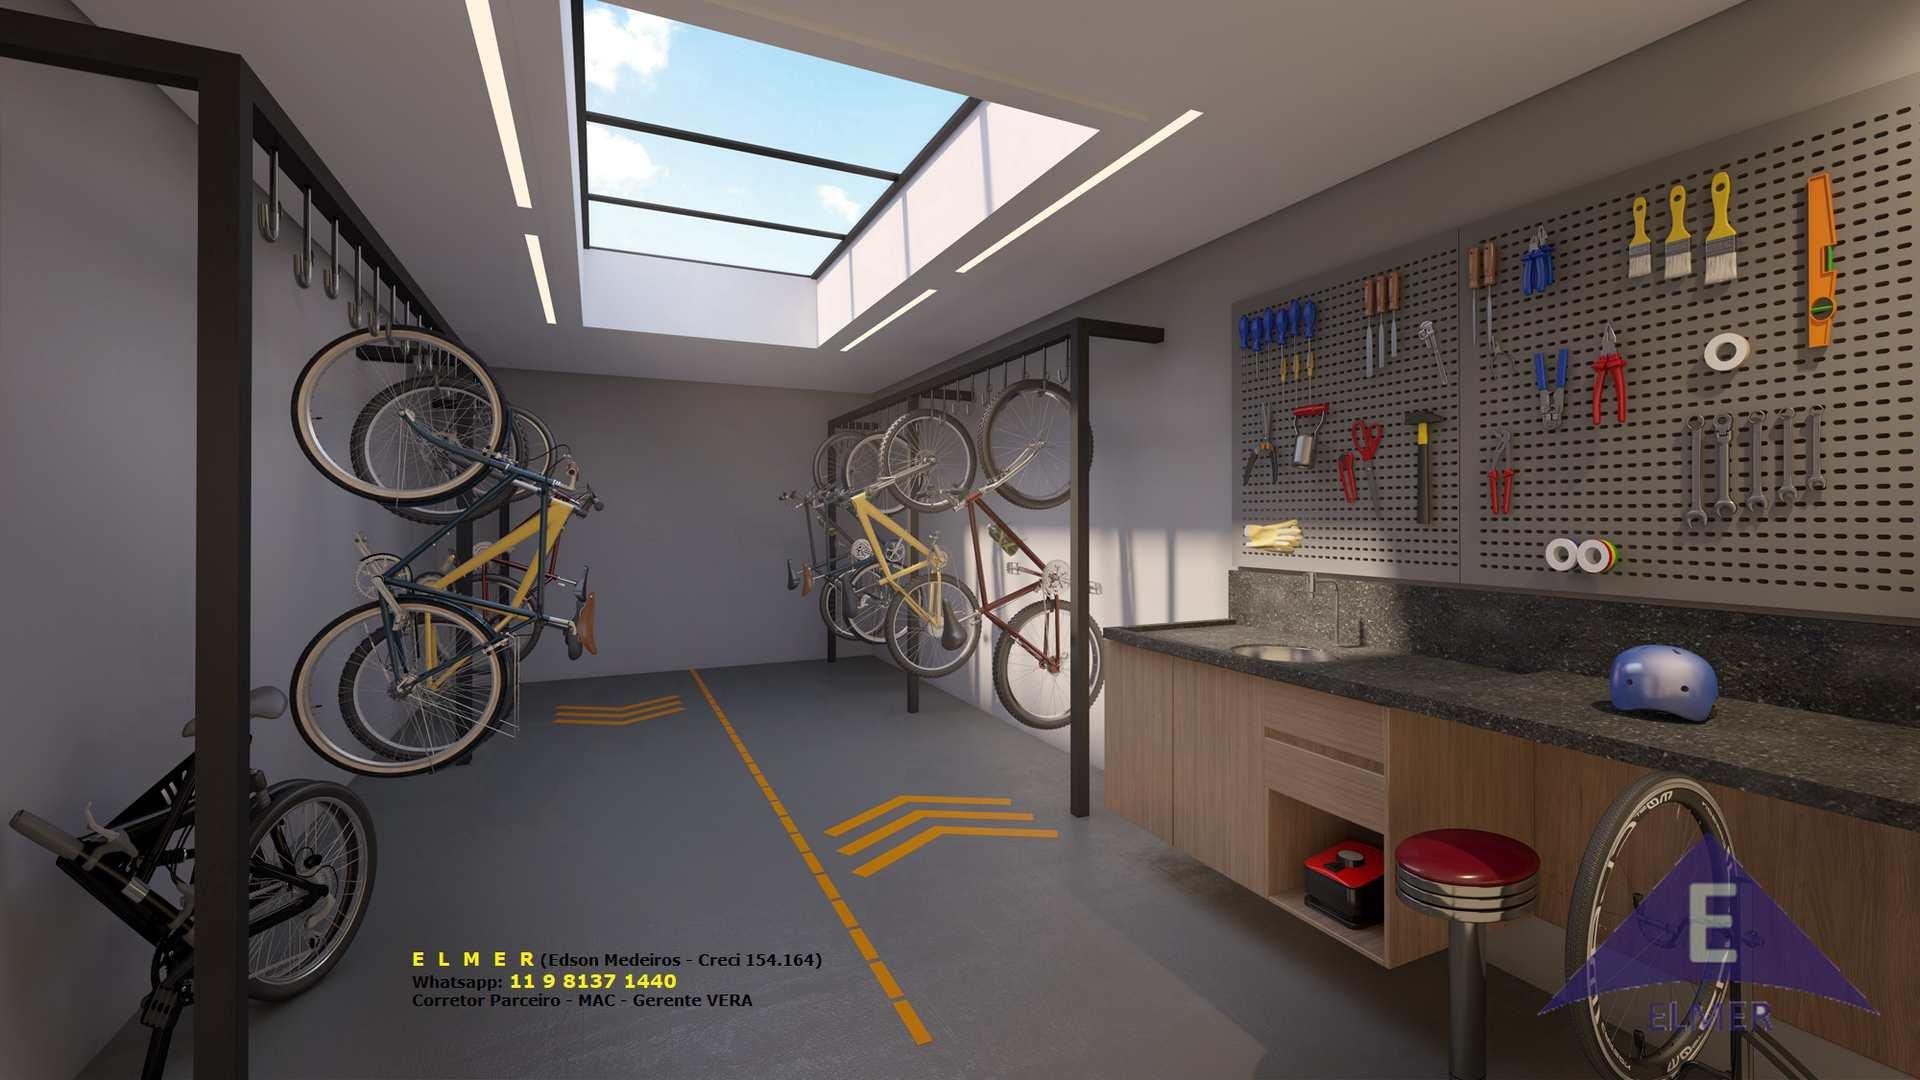 Bicicletario - IS CONSOLAÇÃO - ELMER